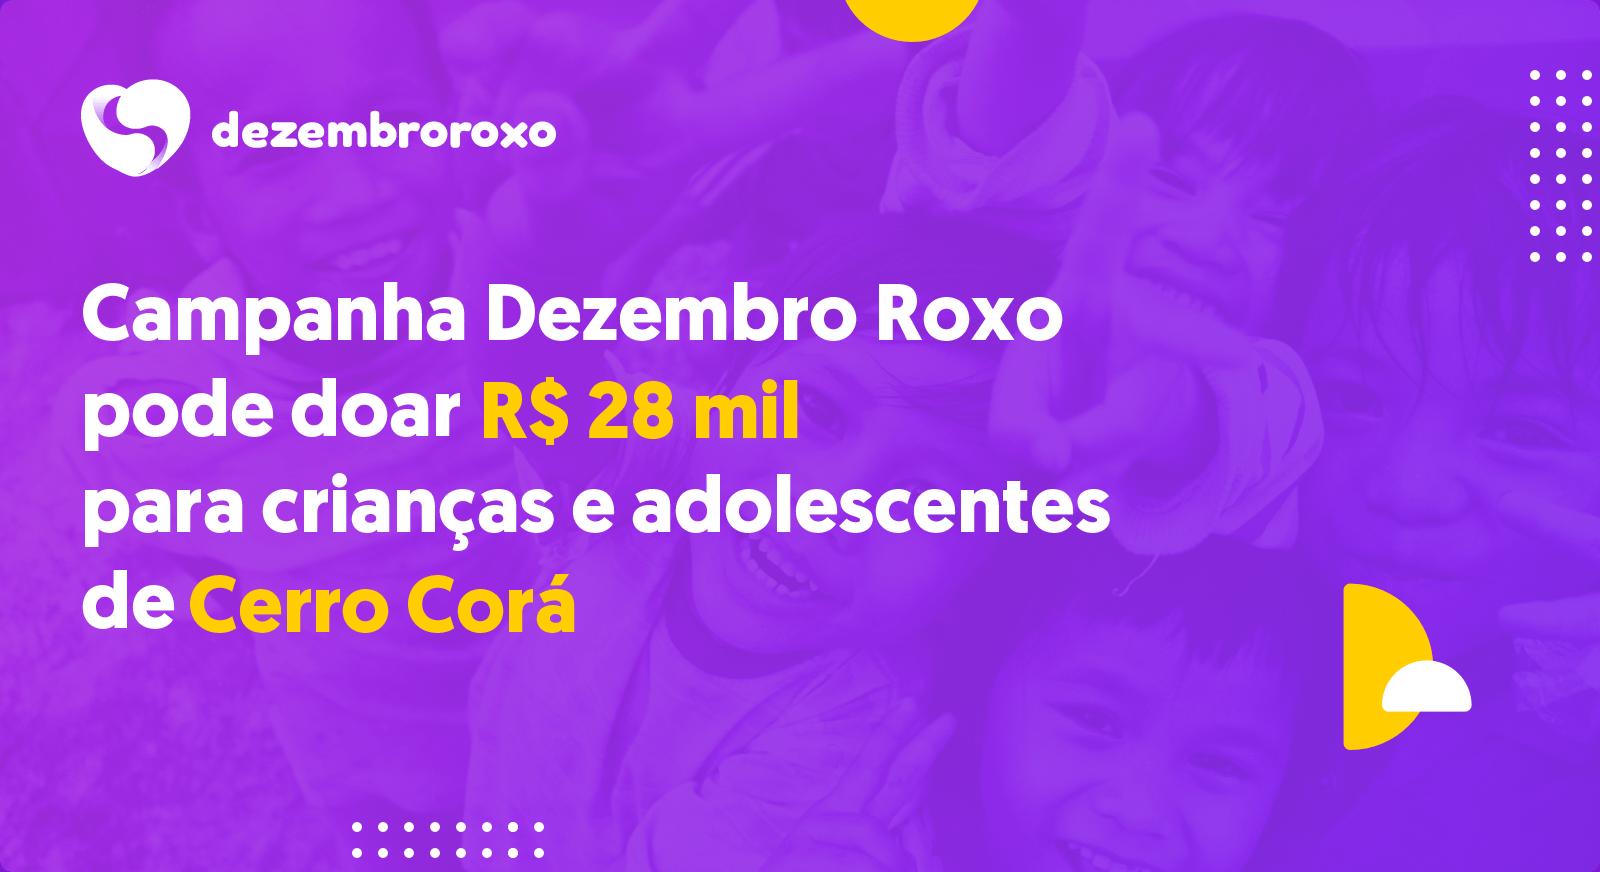 Doações em Cerro Corá - RN